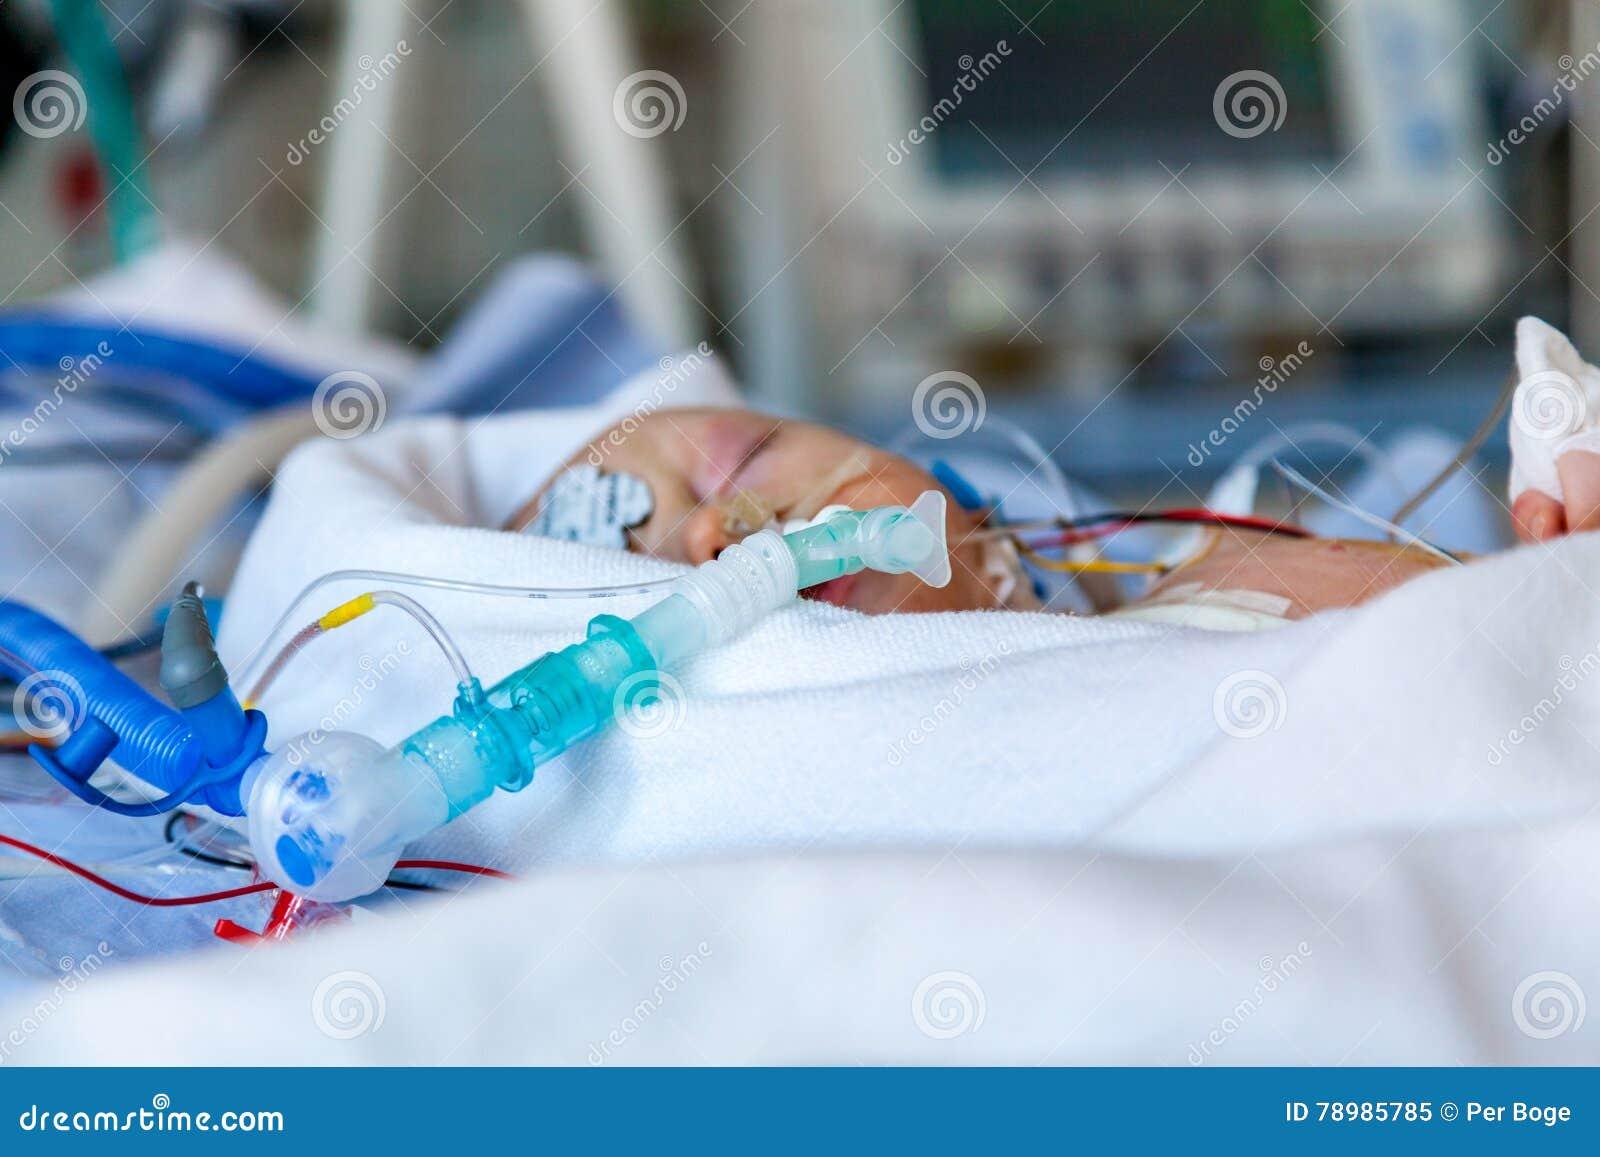 Spädbarn barn i intensivvårdenhet efter hjärtkirurgi